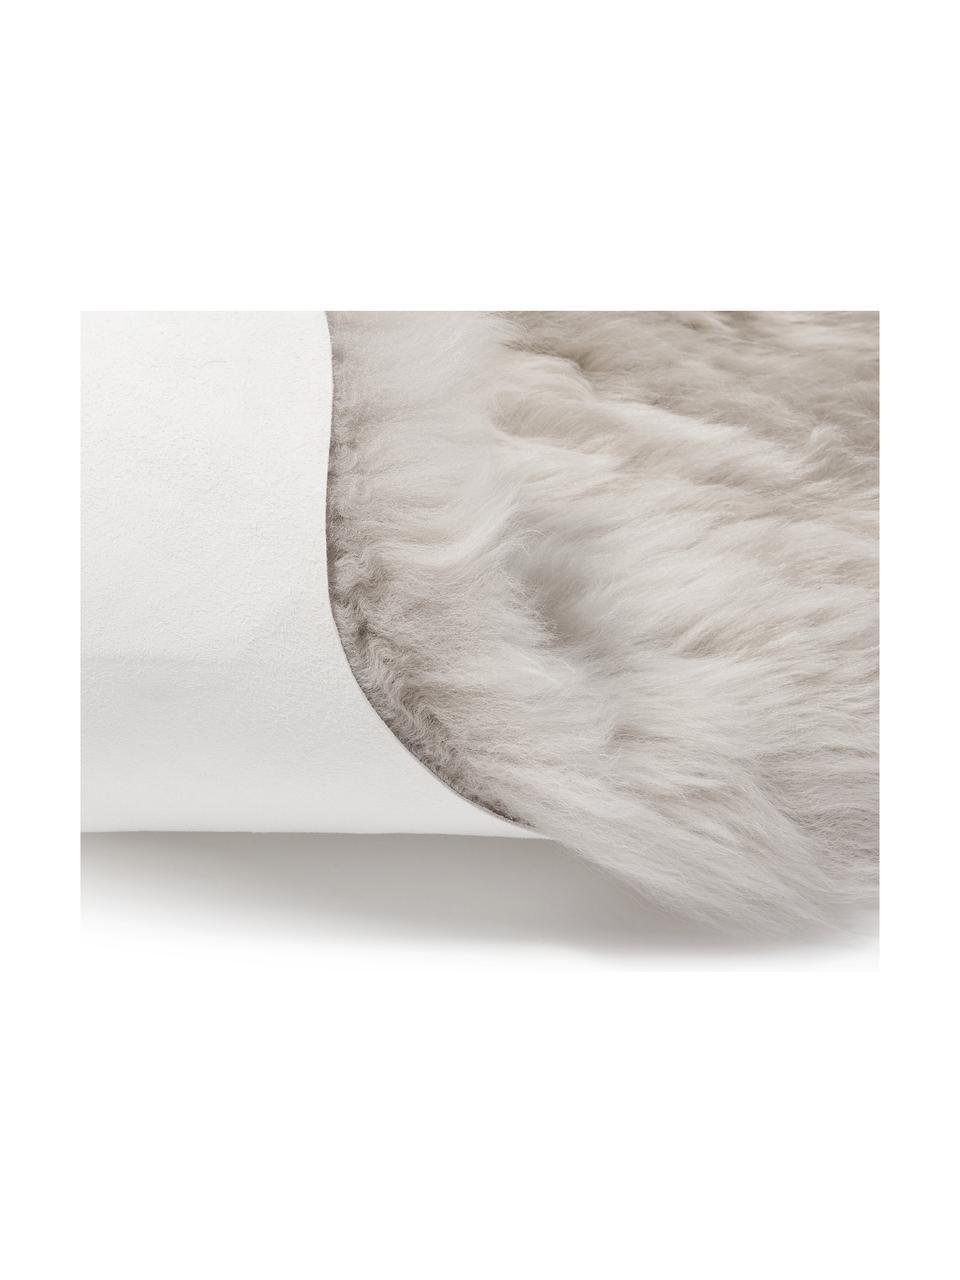 Dywan ze skóry owczej Oslo, gładki, Beżowy, S 60 x D 180 cm